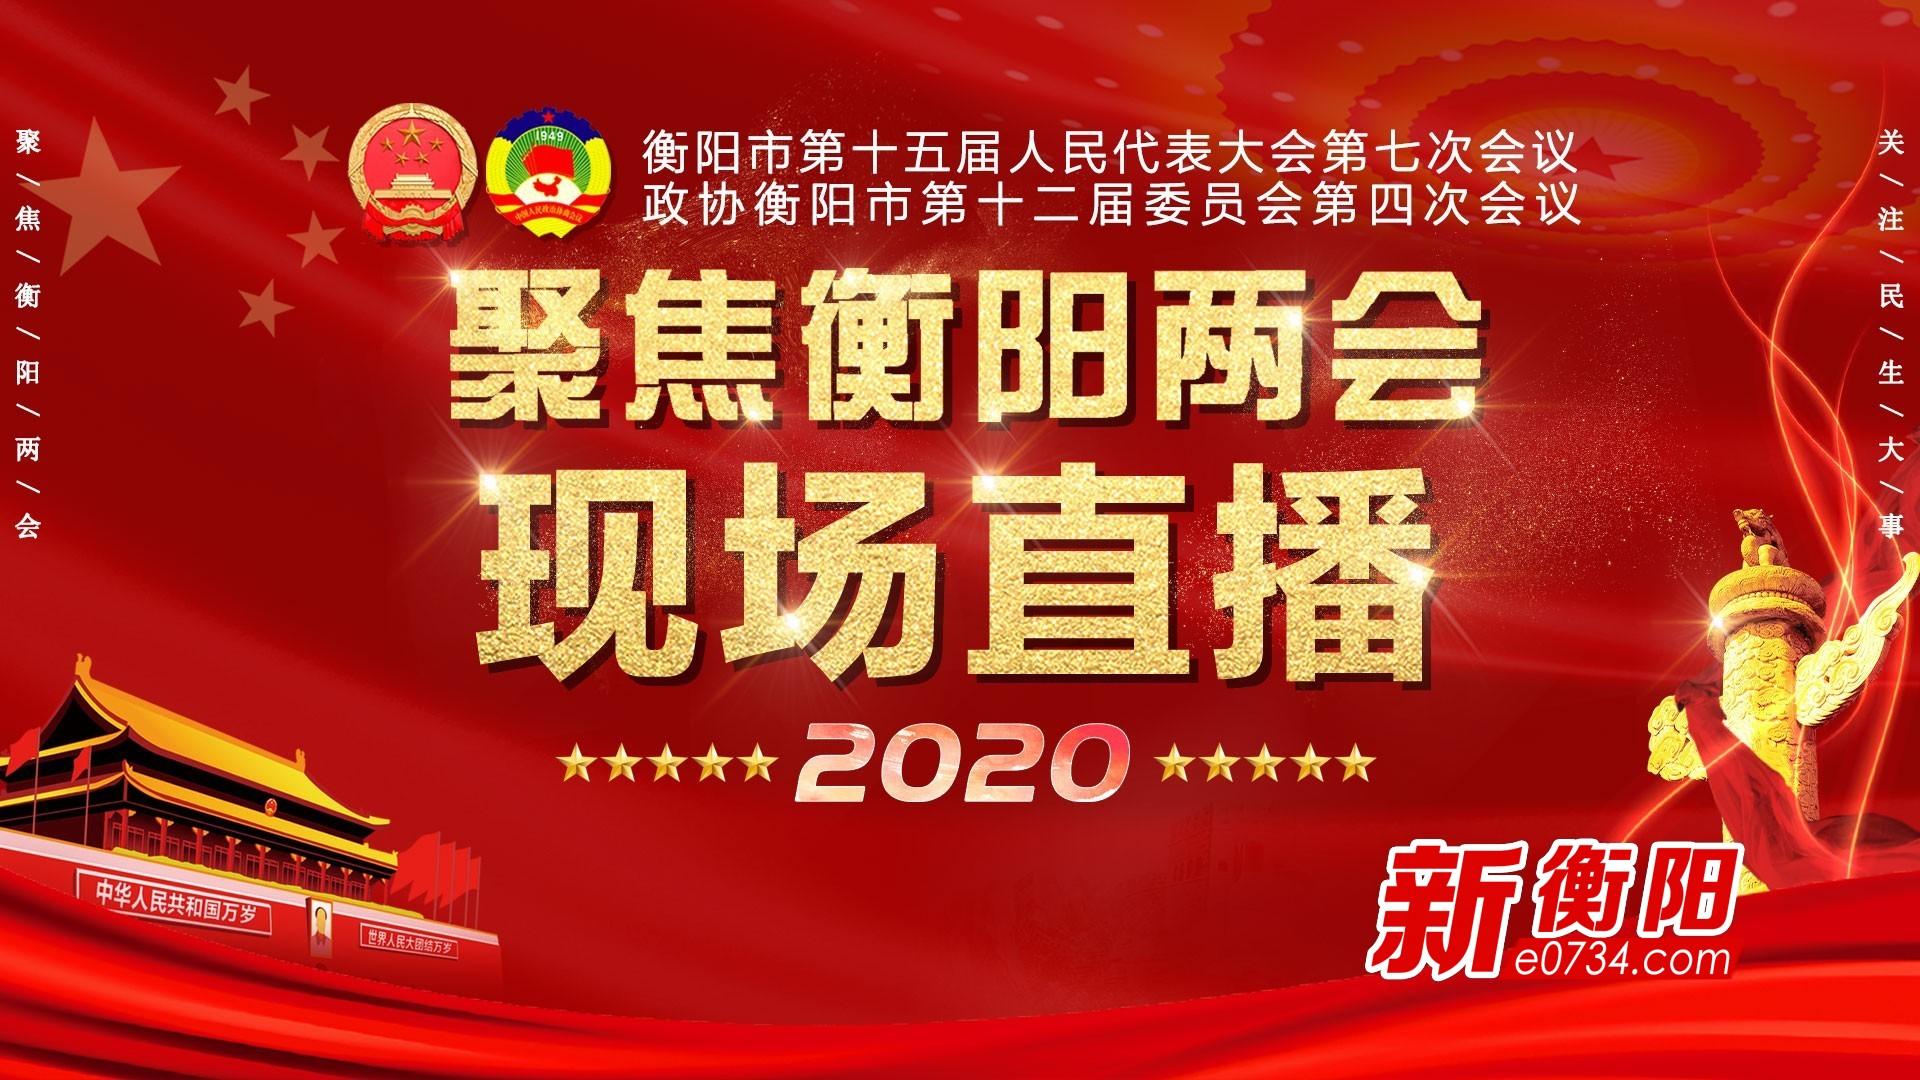 [視頻]衡陽市第十五屆人民代表大會第七次會議閉幕會